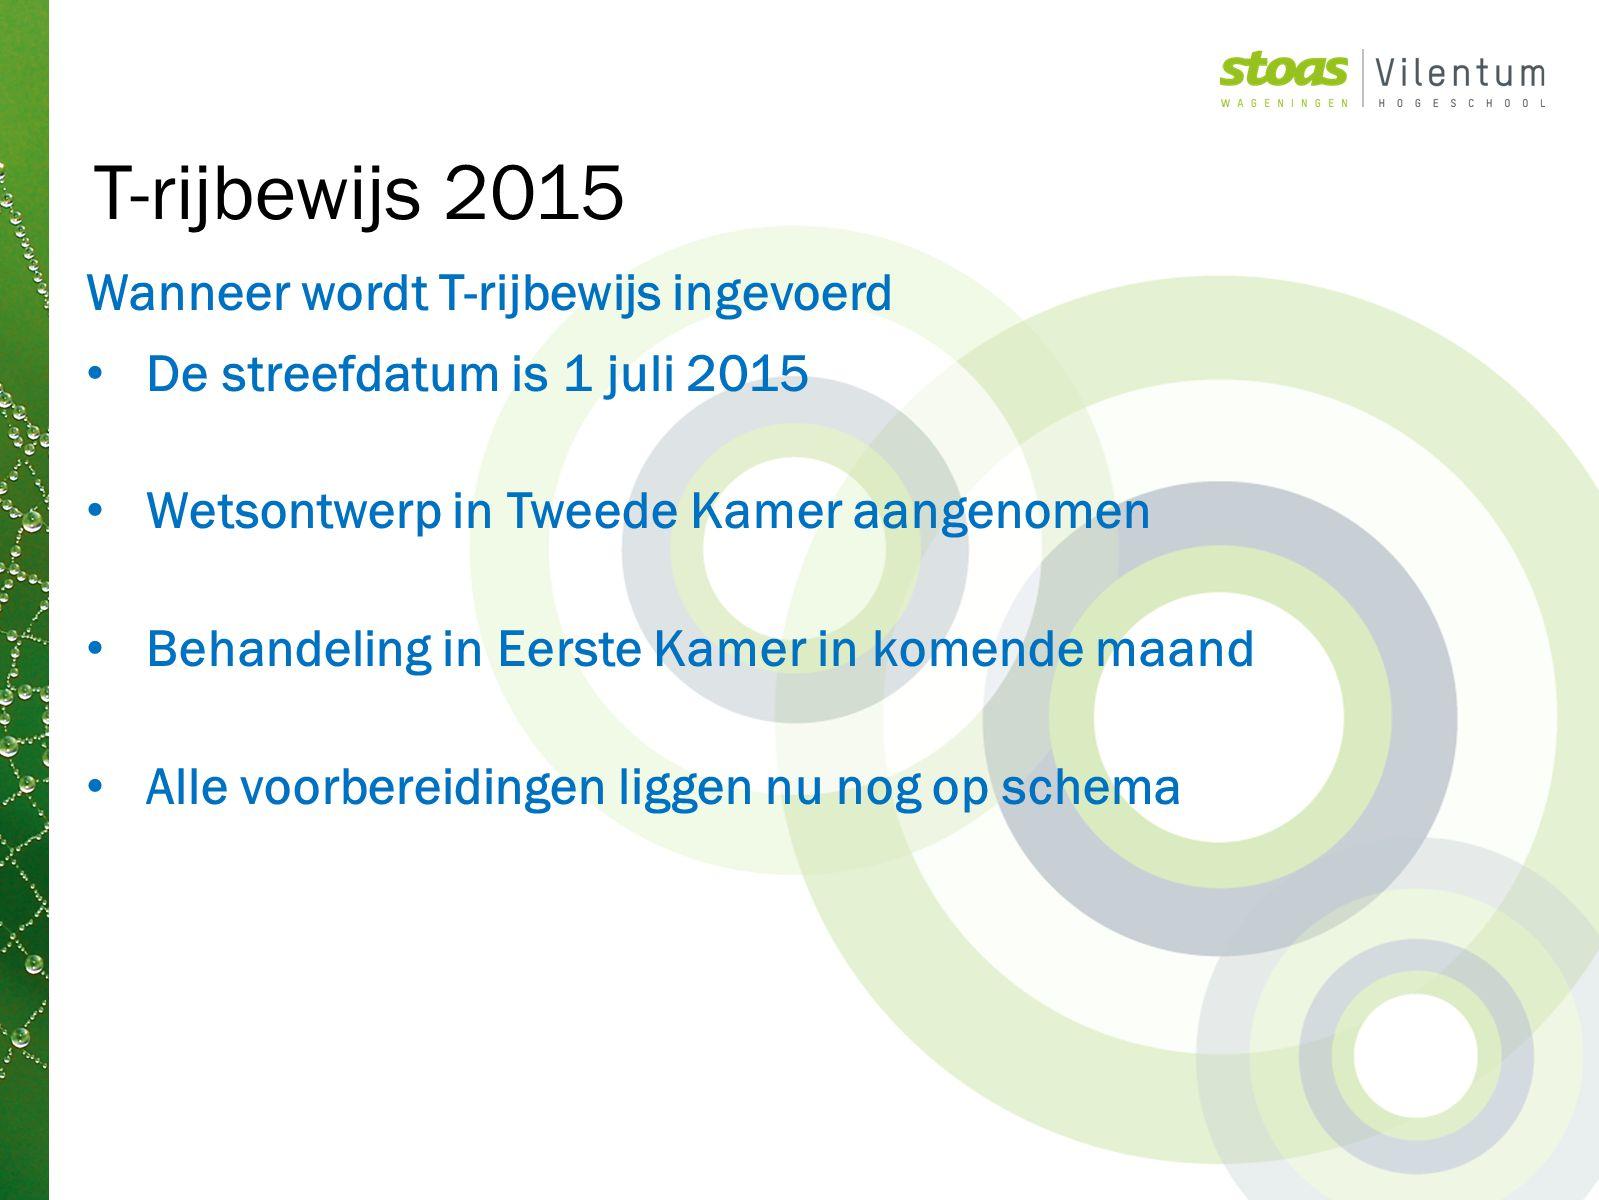 Wanneer wordt T-rijbewijs ingevoerd De streefdatum is 1 juli 2015 Wetsontwerp in Tweede Kamer aangenomen Behandeling in Eerste Kamer in komende maand